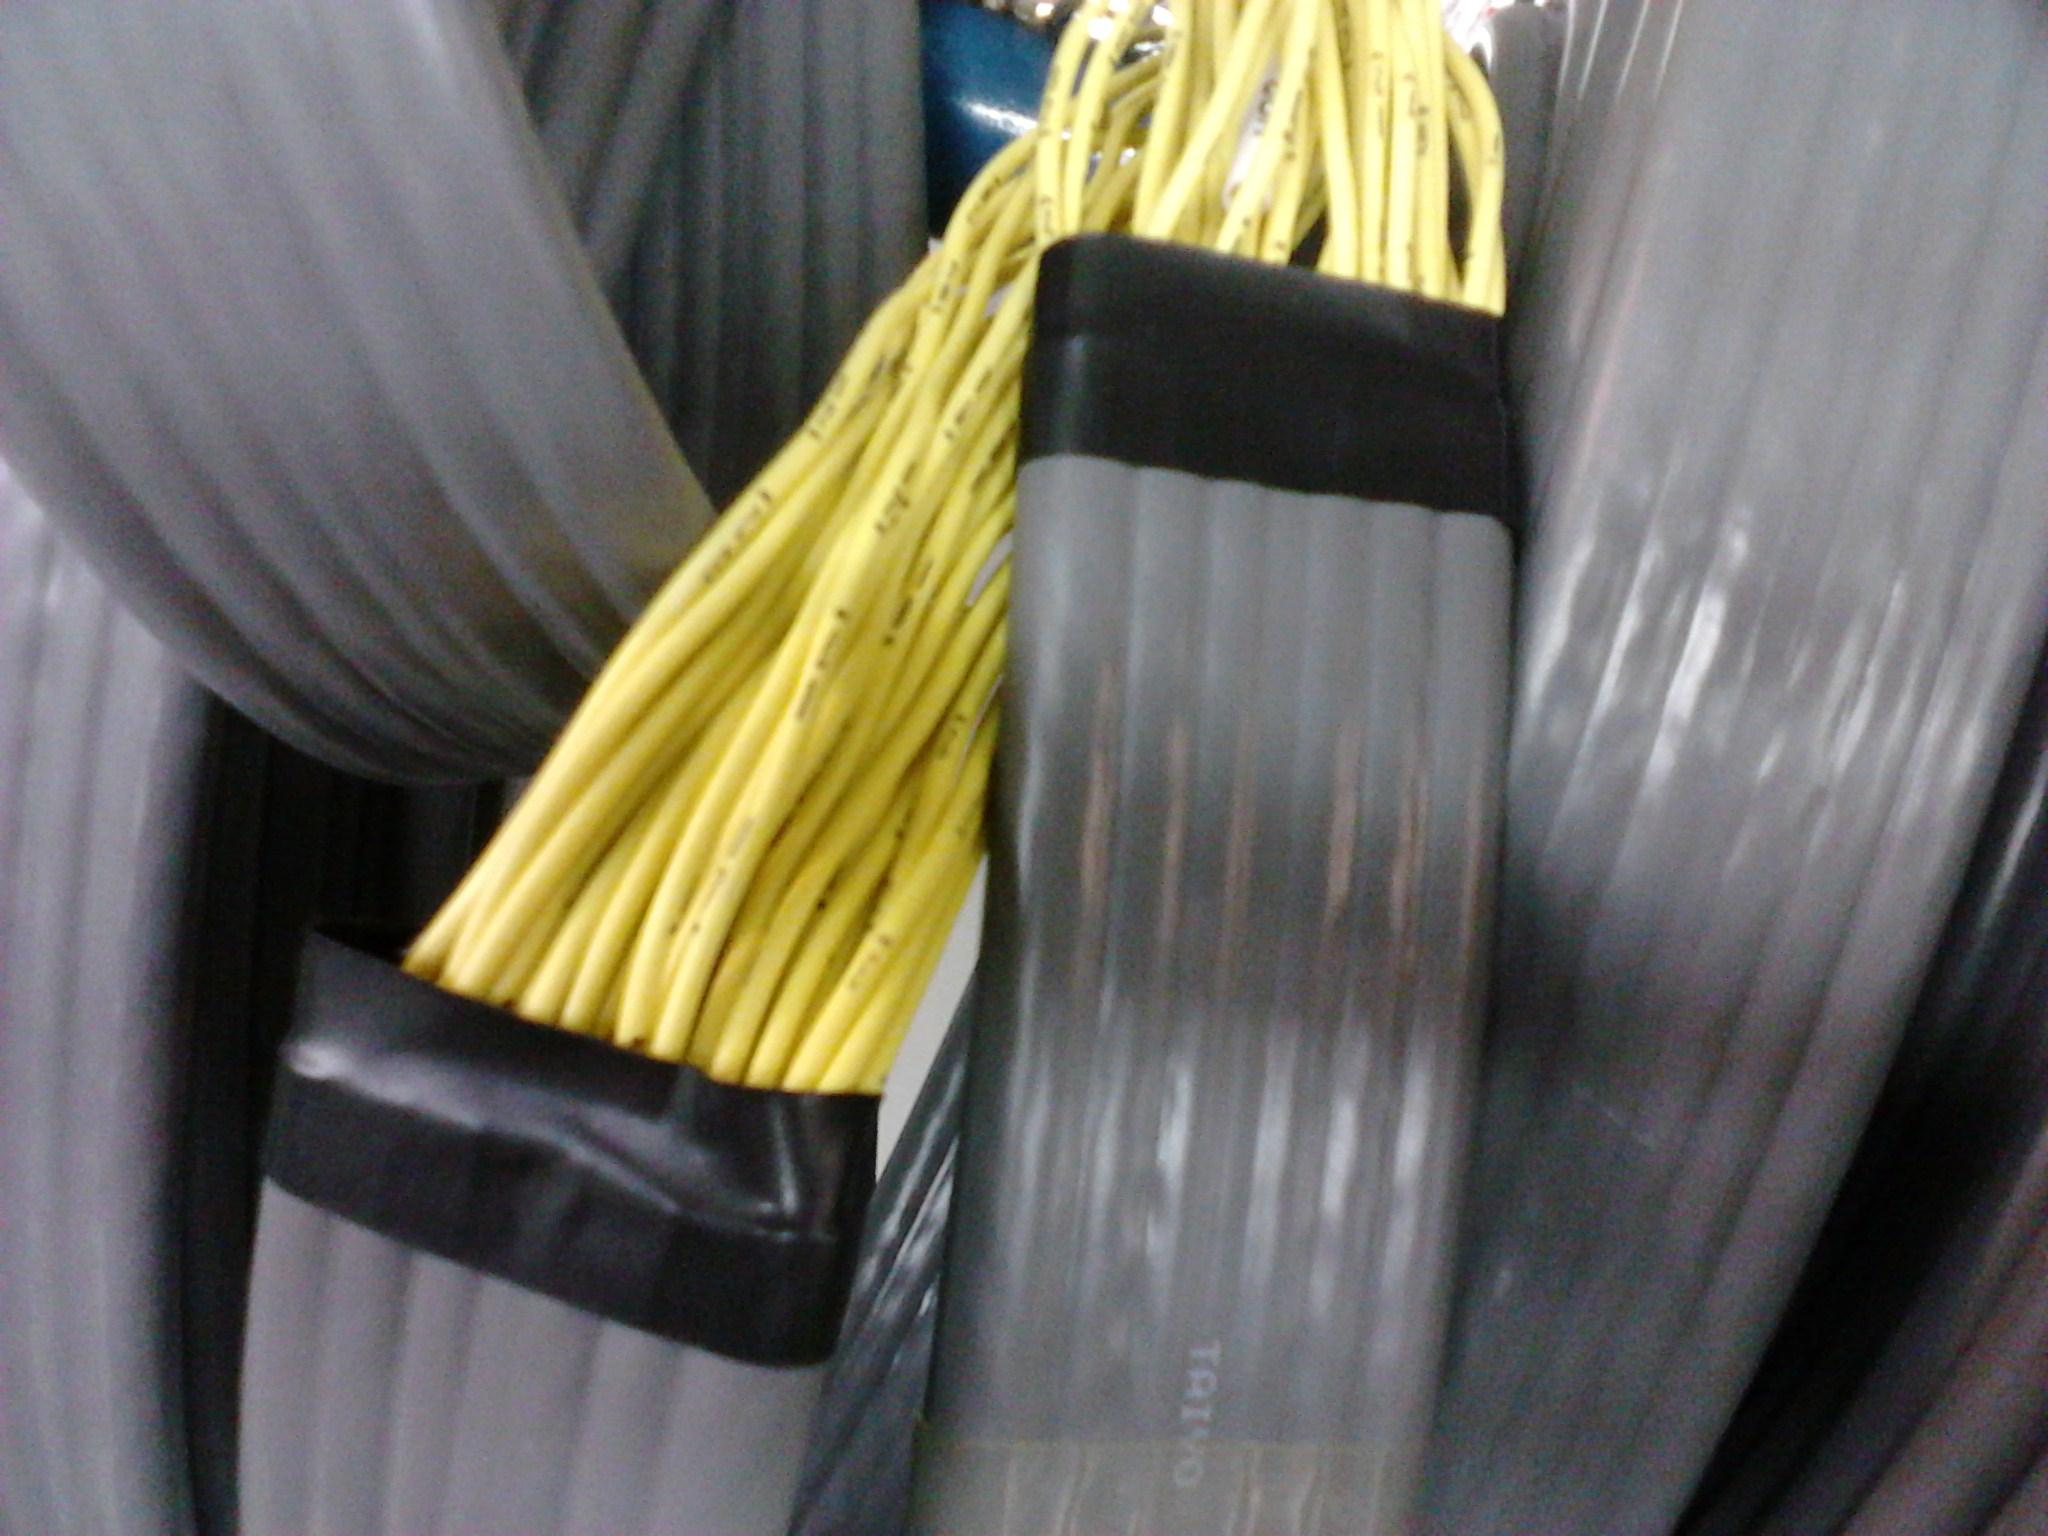 YVFRB,YVFRPB丁腈绝缘和护套电力软扁电缆